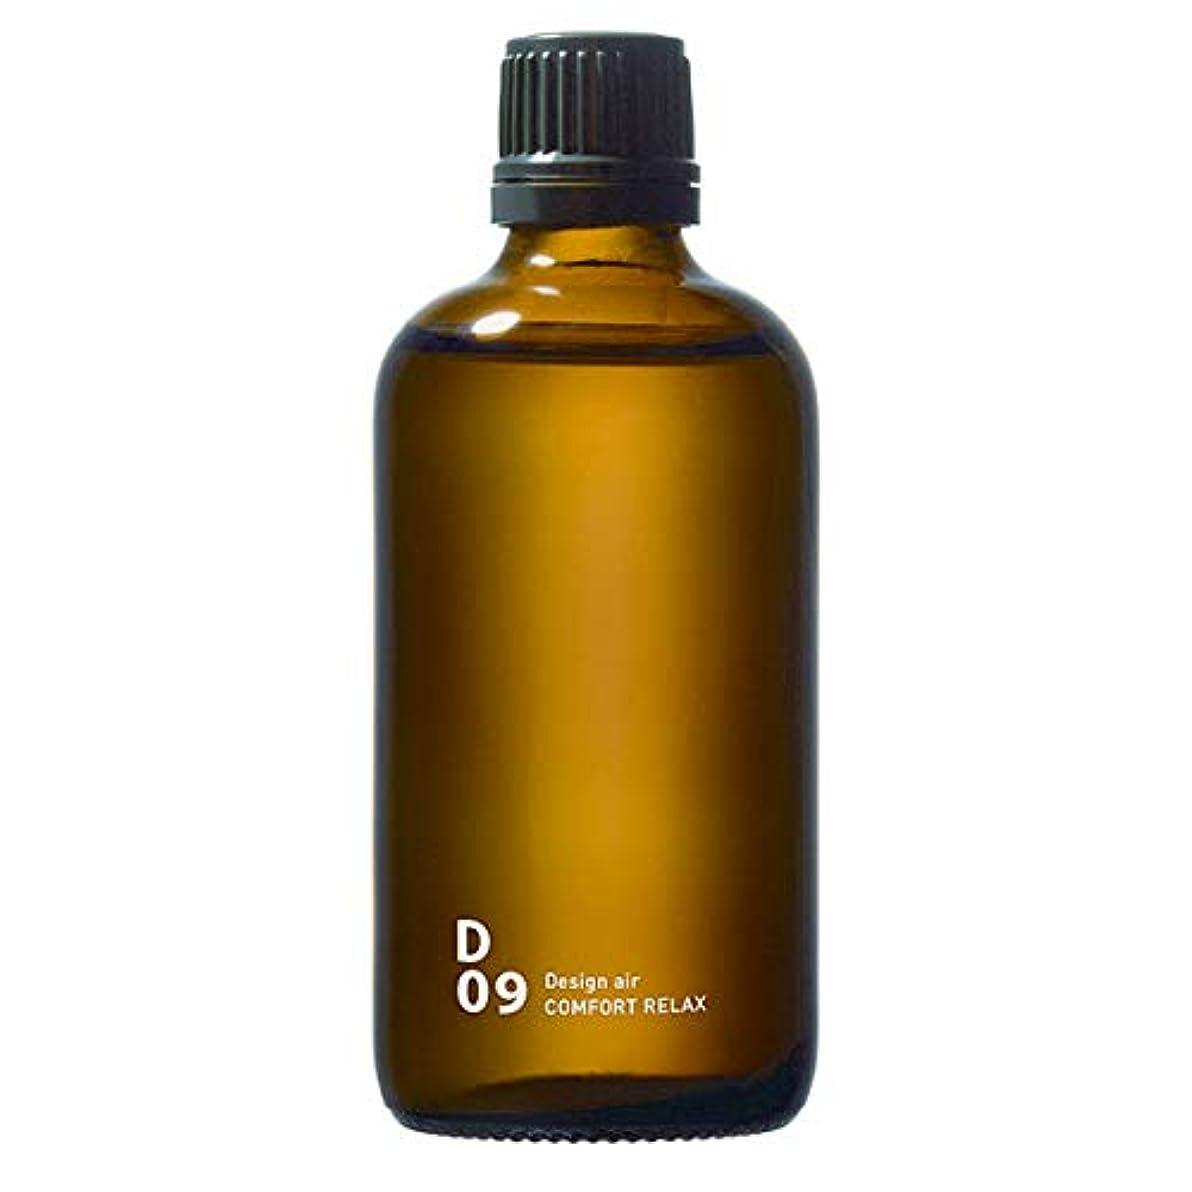 物理的な第三太いD09 COMFORT RELAX piezo aroma oil 100ml